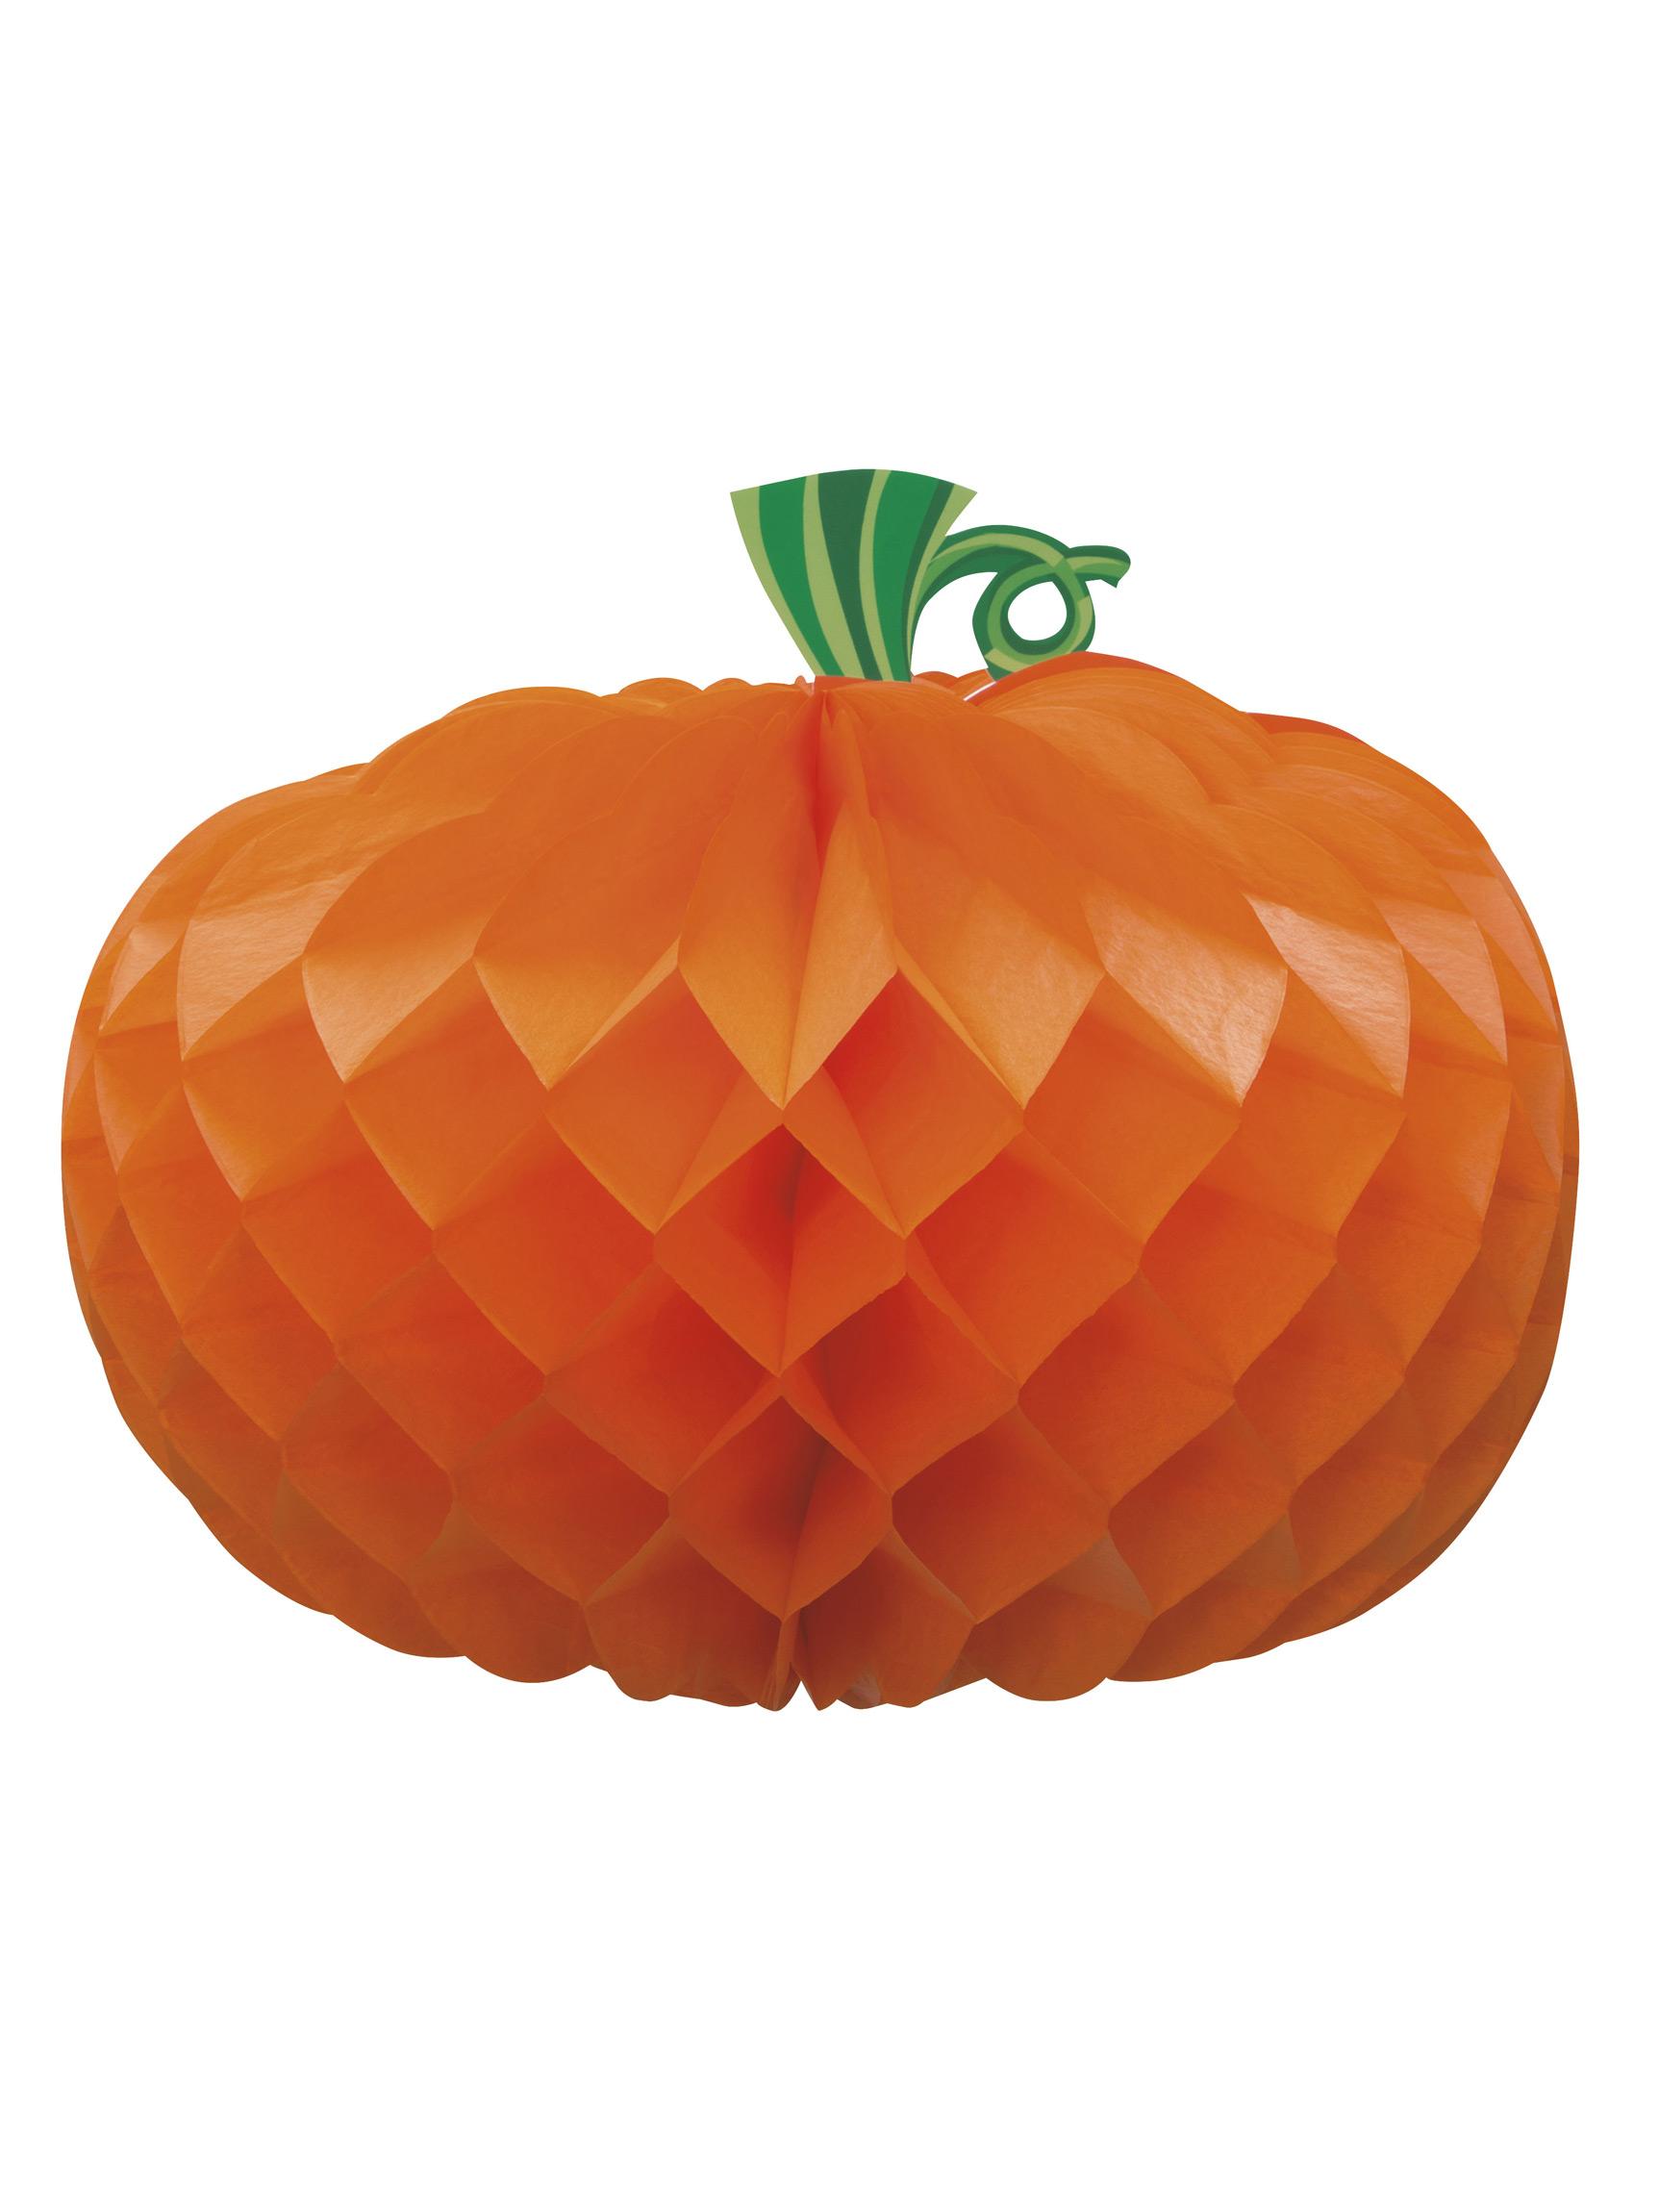 Centre de table papier citrouille halloween d coration anniversaire et f tes th me sur vegaoo - Citrouille halloween en papier ...